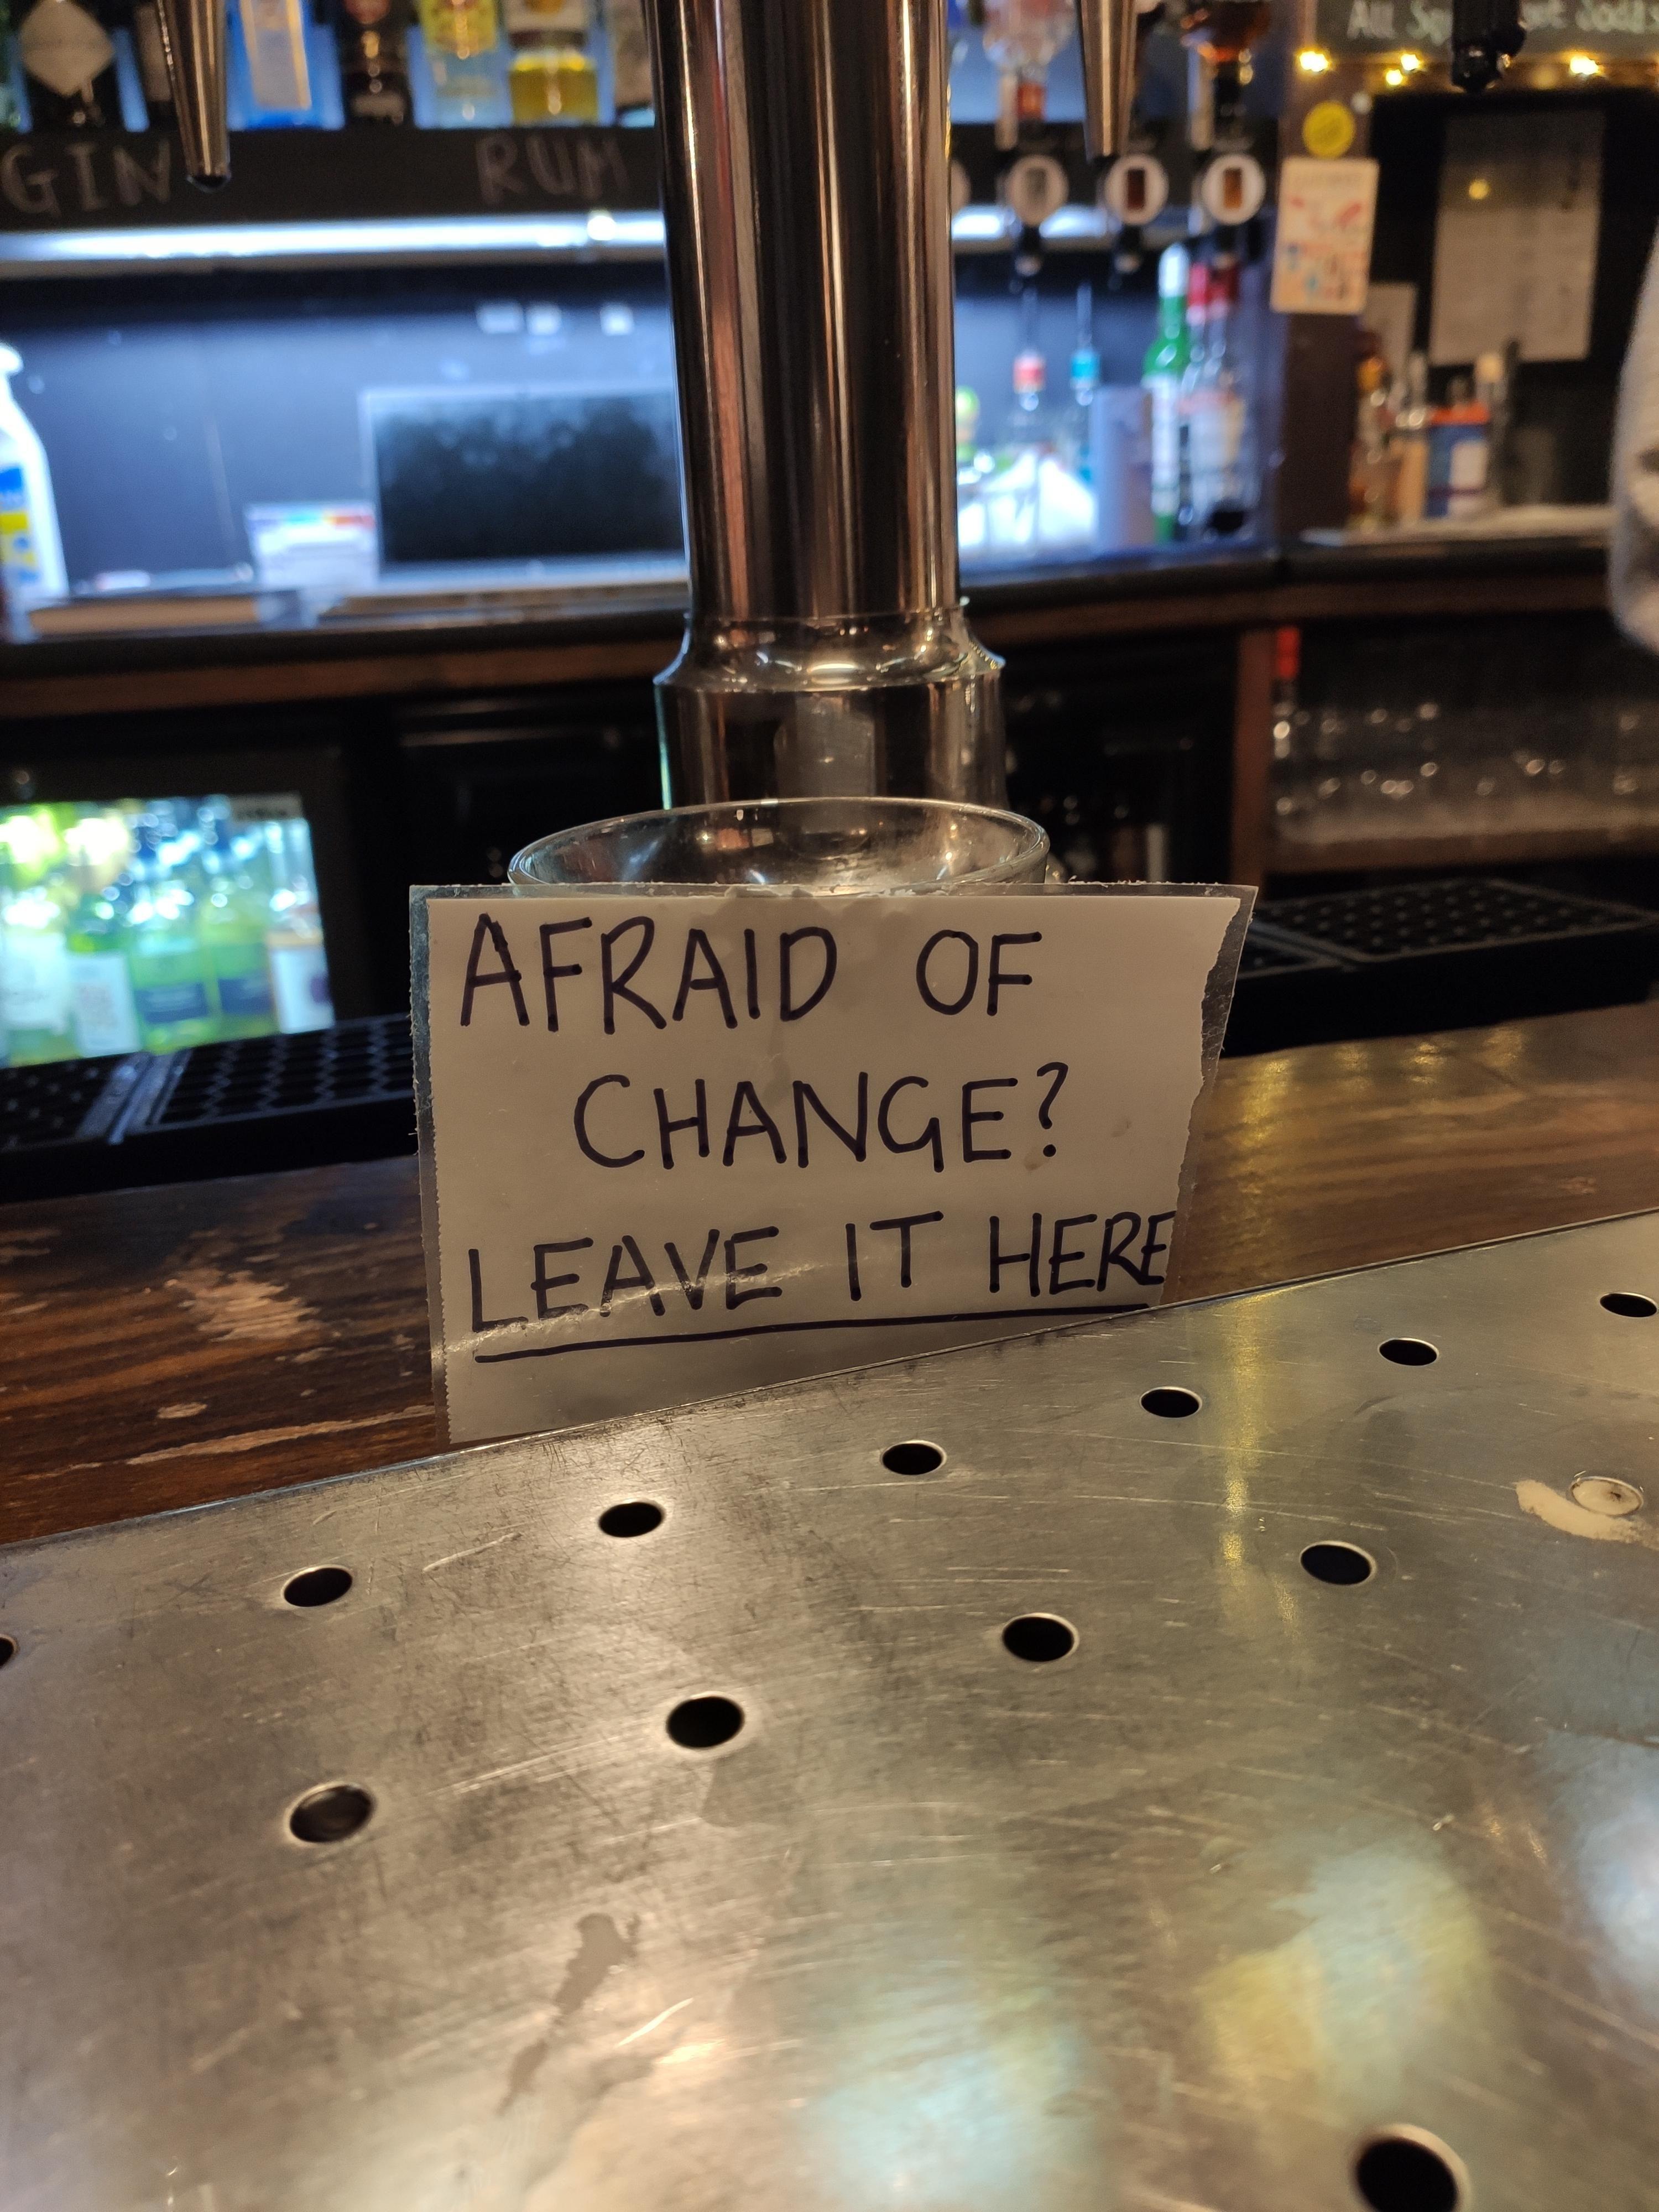 Seen in a London pub